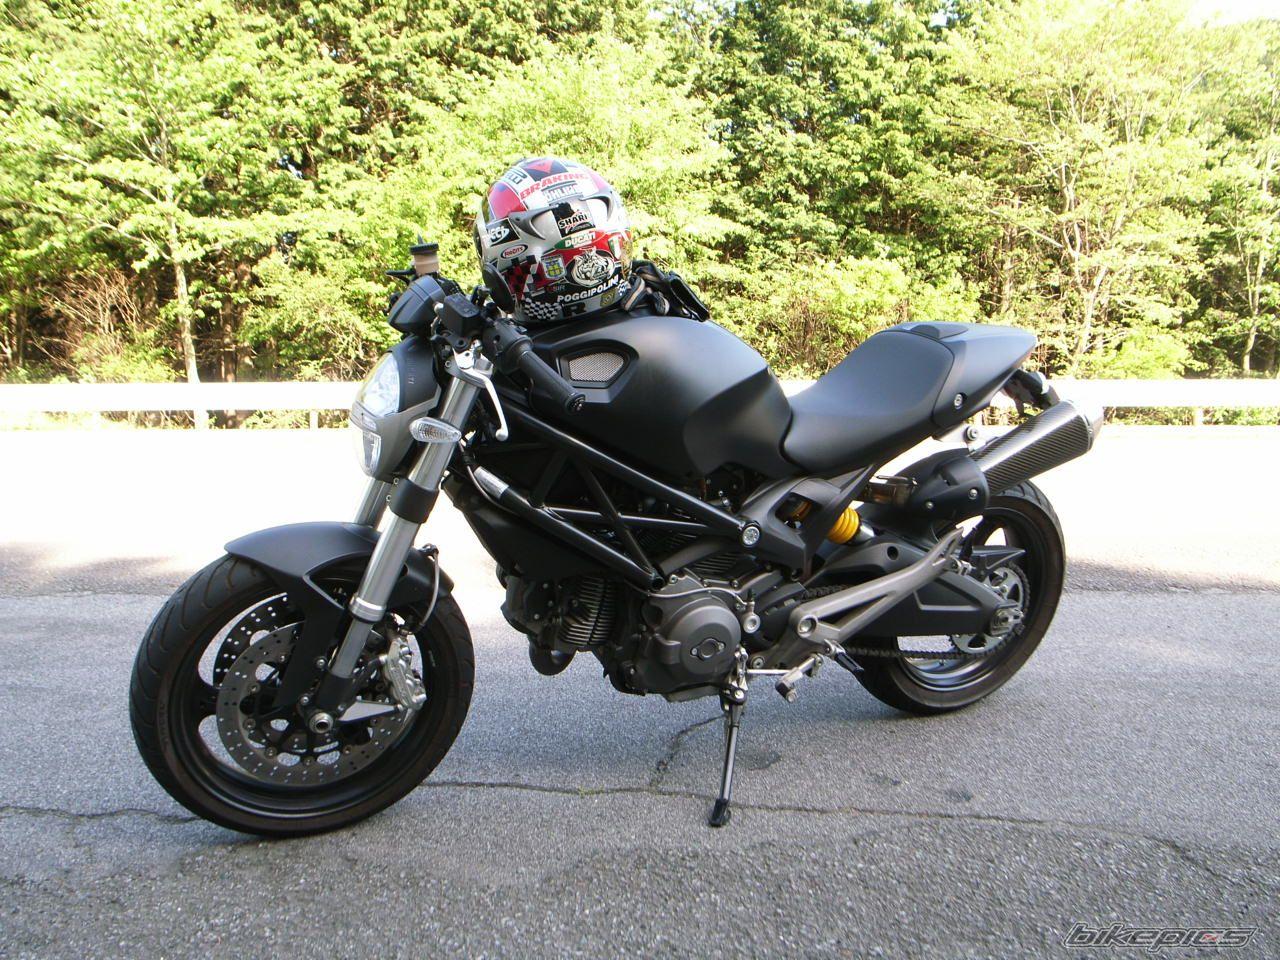 款杜卡迪Monster 696摩托车图片1